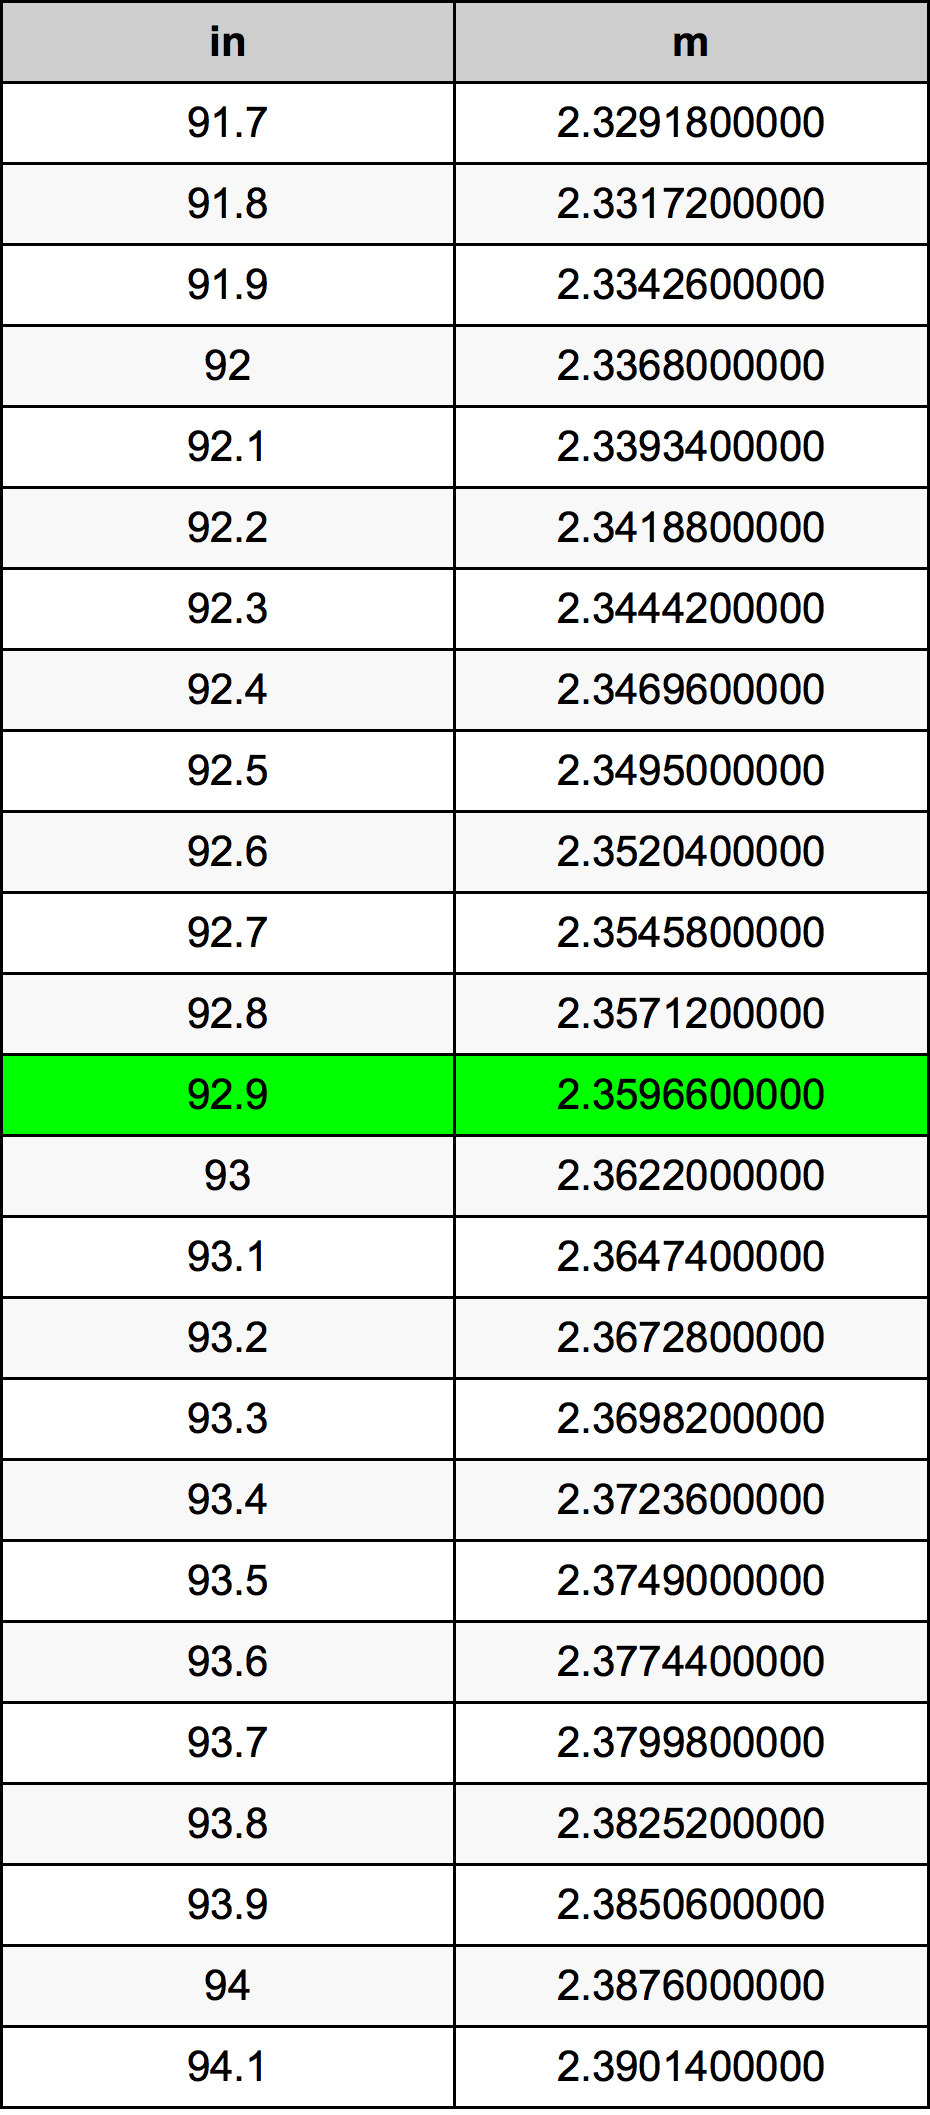 92.9 بوصة جدول تحويل